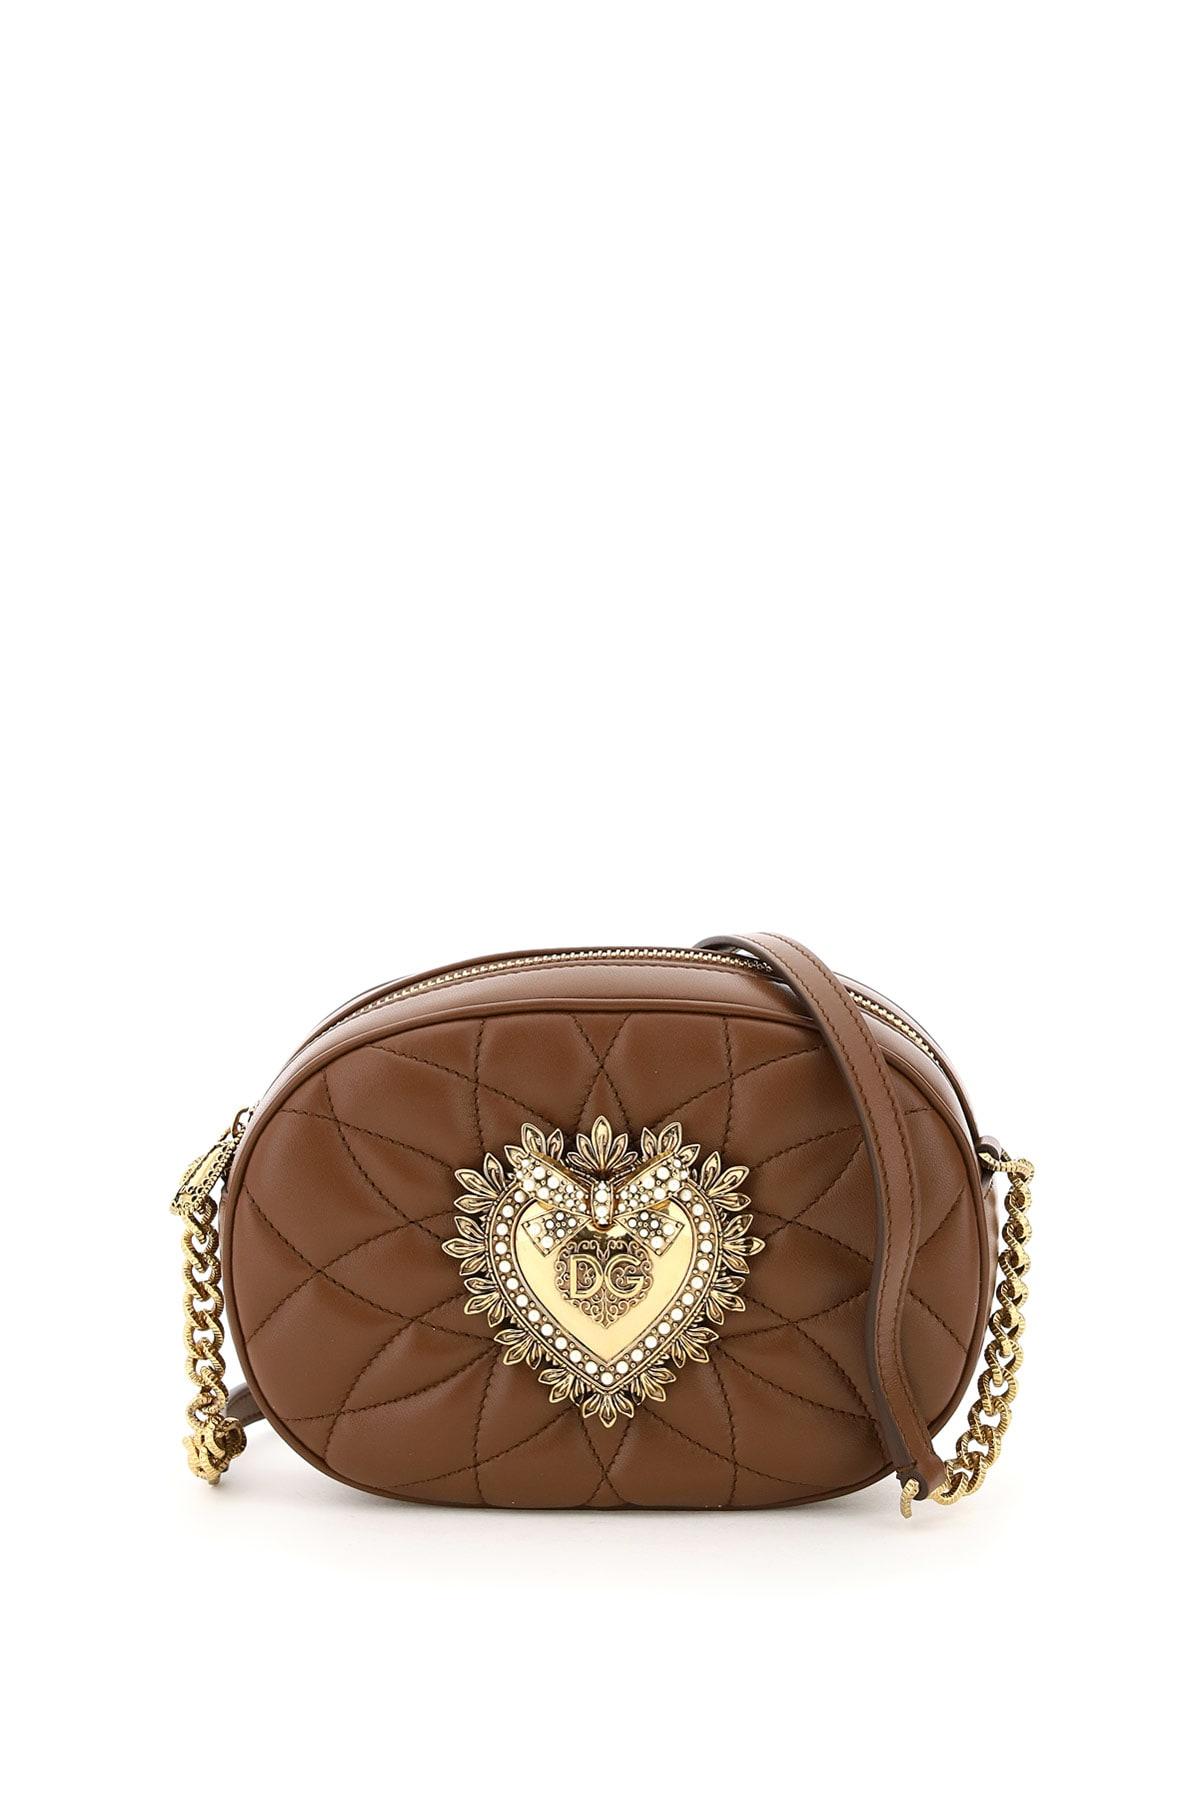 Dolce & Gabbana Leathers DEVOTION OVAL CAMERA BAG